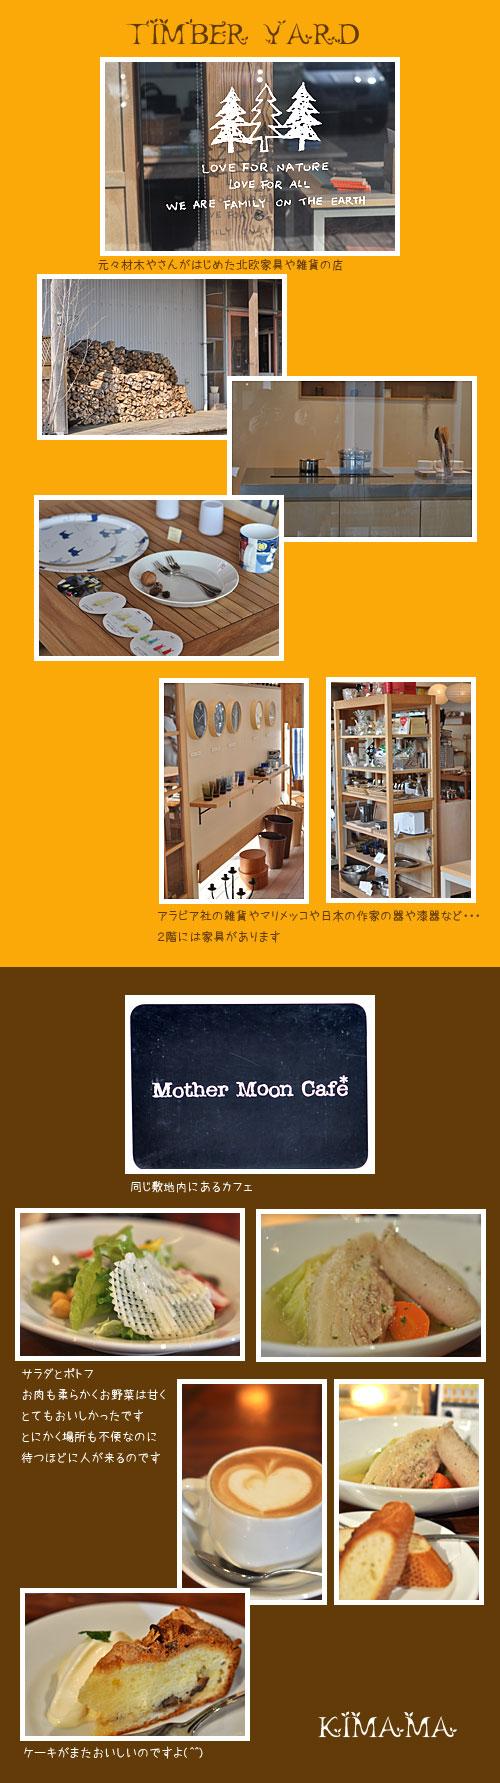 2月3日マザームーンカフェ